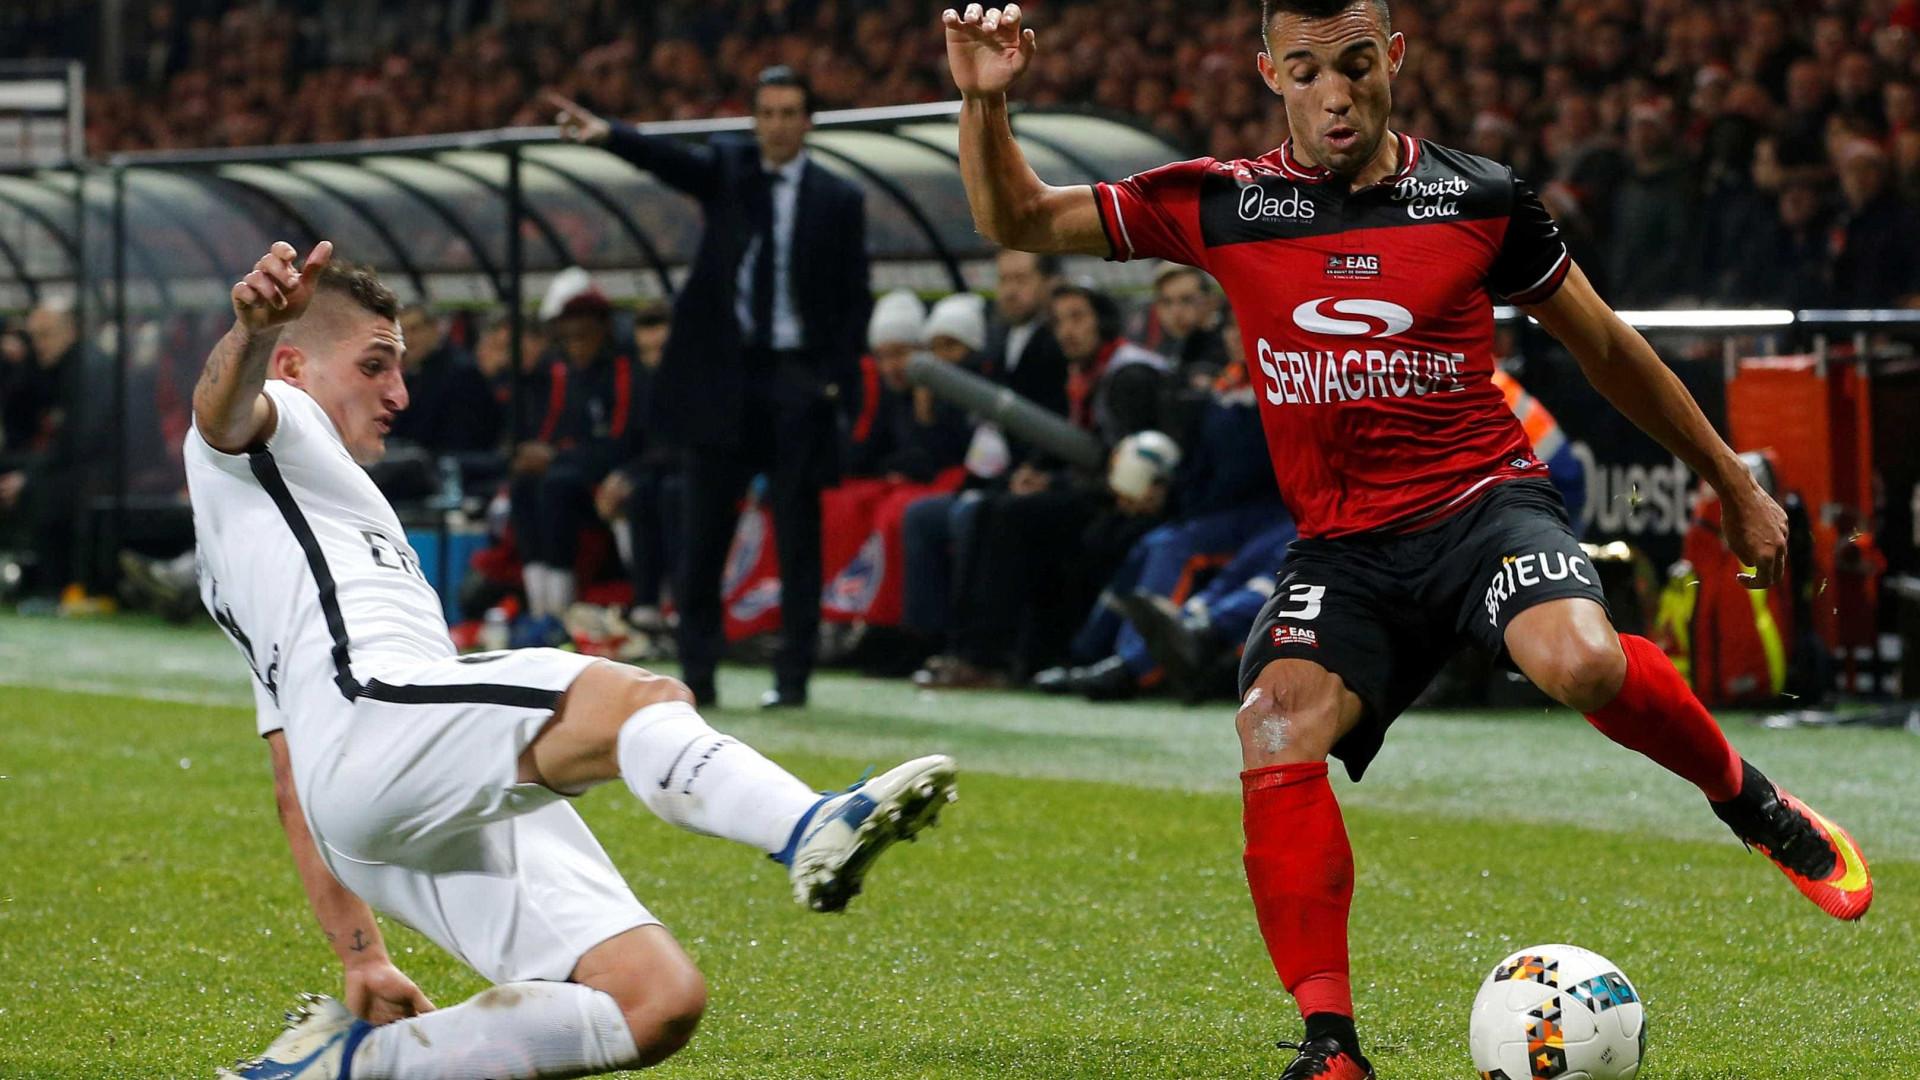 Lyon paga 4,5 milhões de euros ao Benfica pelo lateral esquerdo Marçal